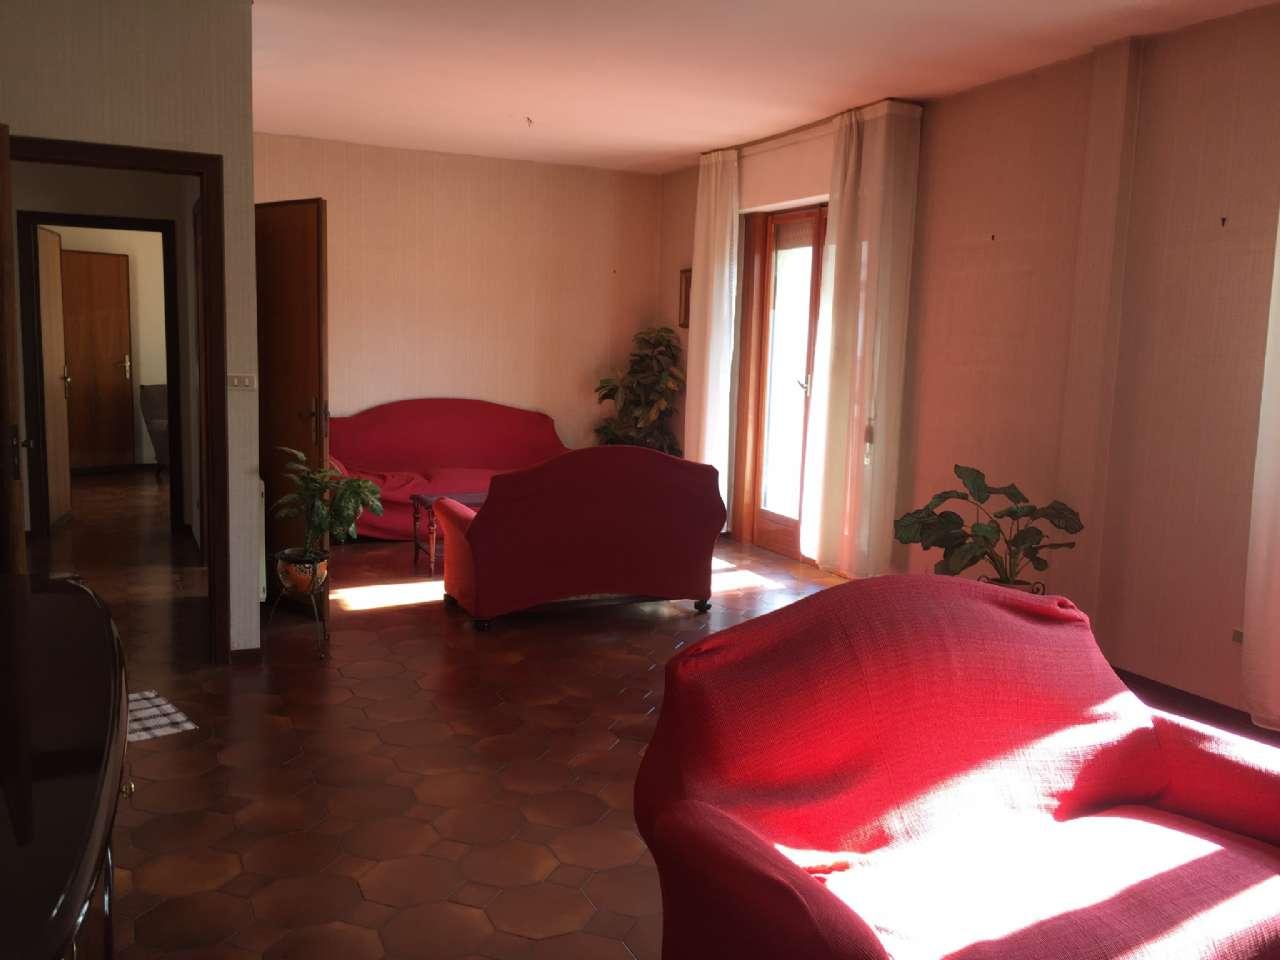 Quadrilocale, Via Ercole Bernabei, zona Malaspina, Palermo, foto 0